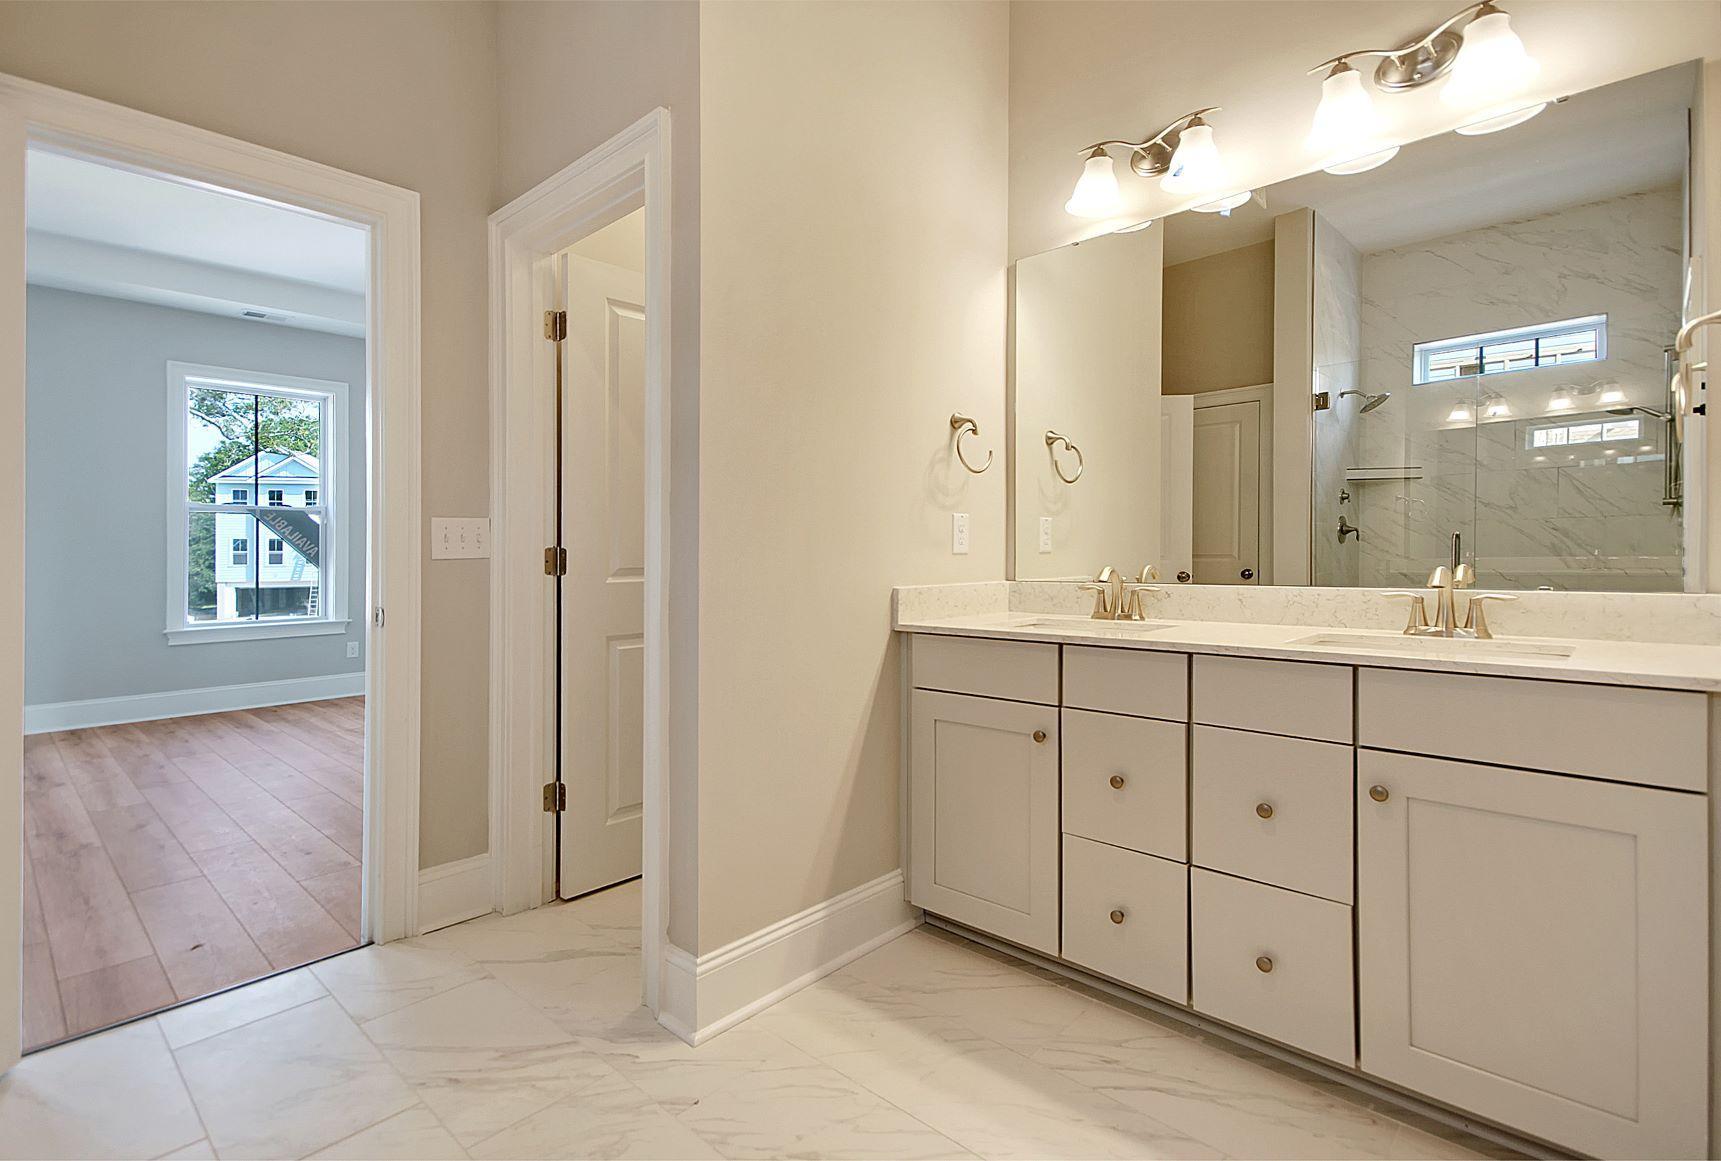 Kings Flats Homes For Sale - 121 Alder, Charleston, SC - 34